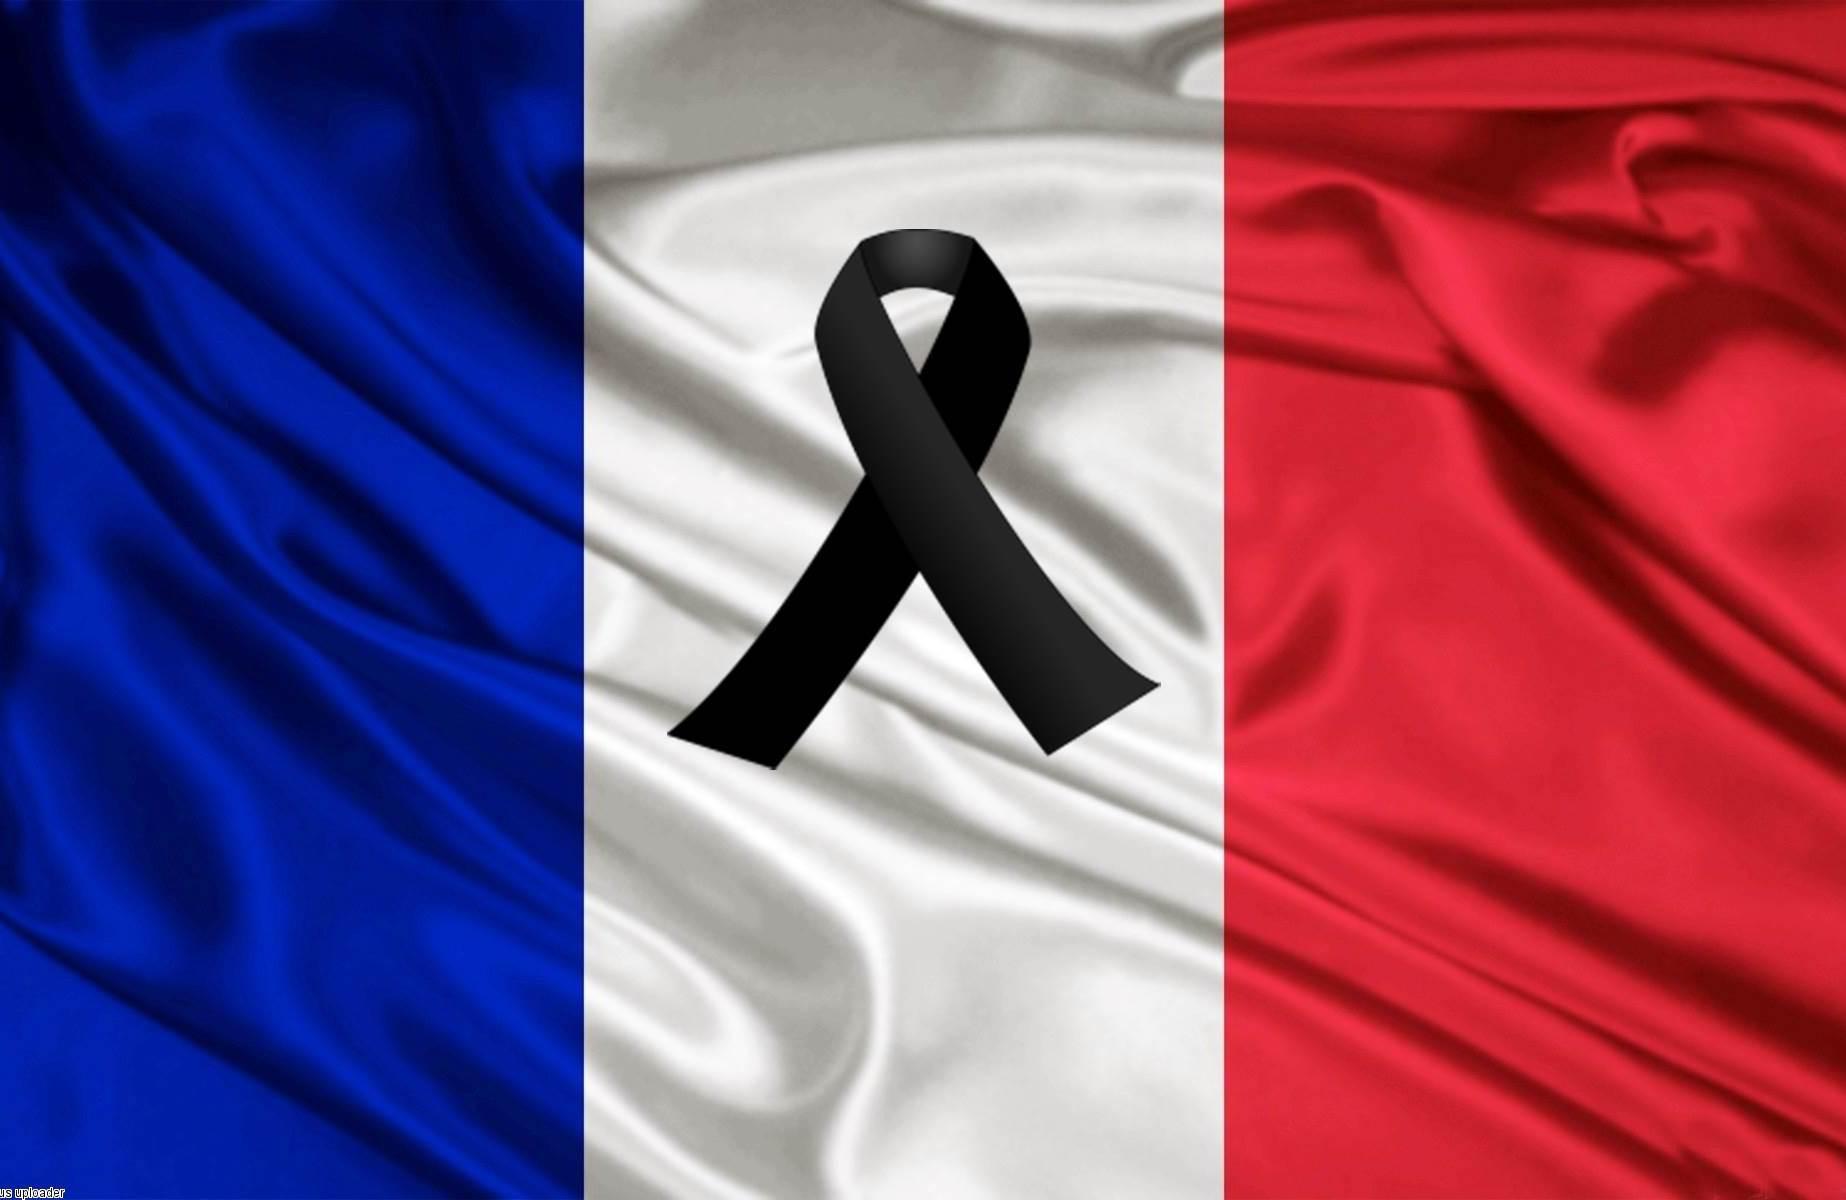 Bandiera francese a lutto alle trifore di palazzo pubblico - Il Cittadino  Online